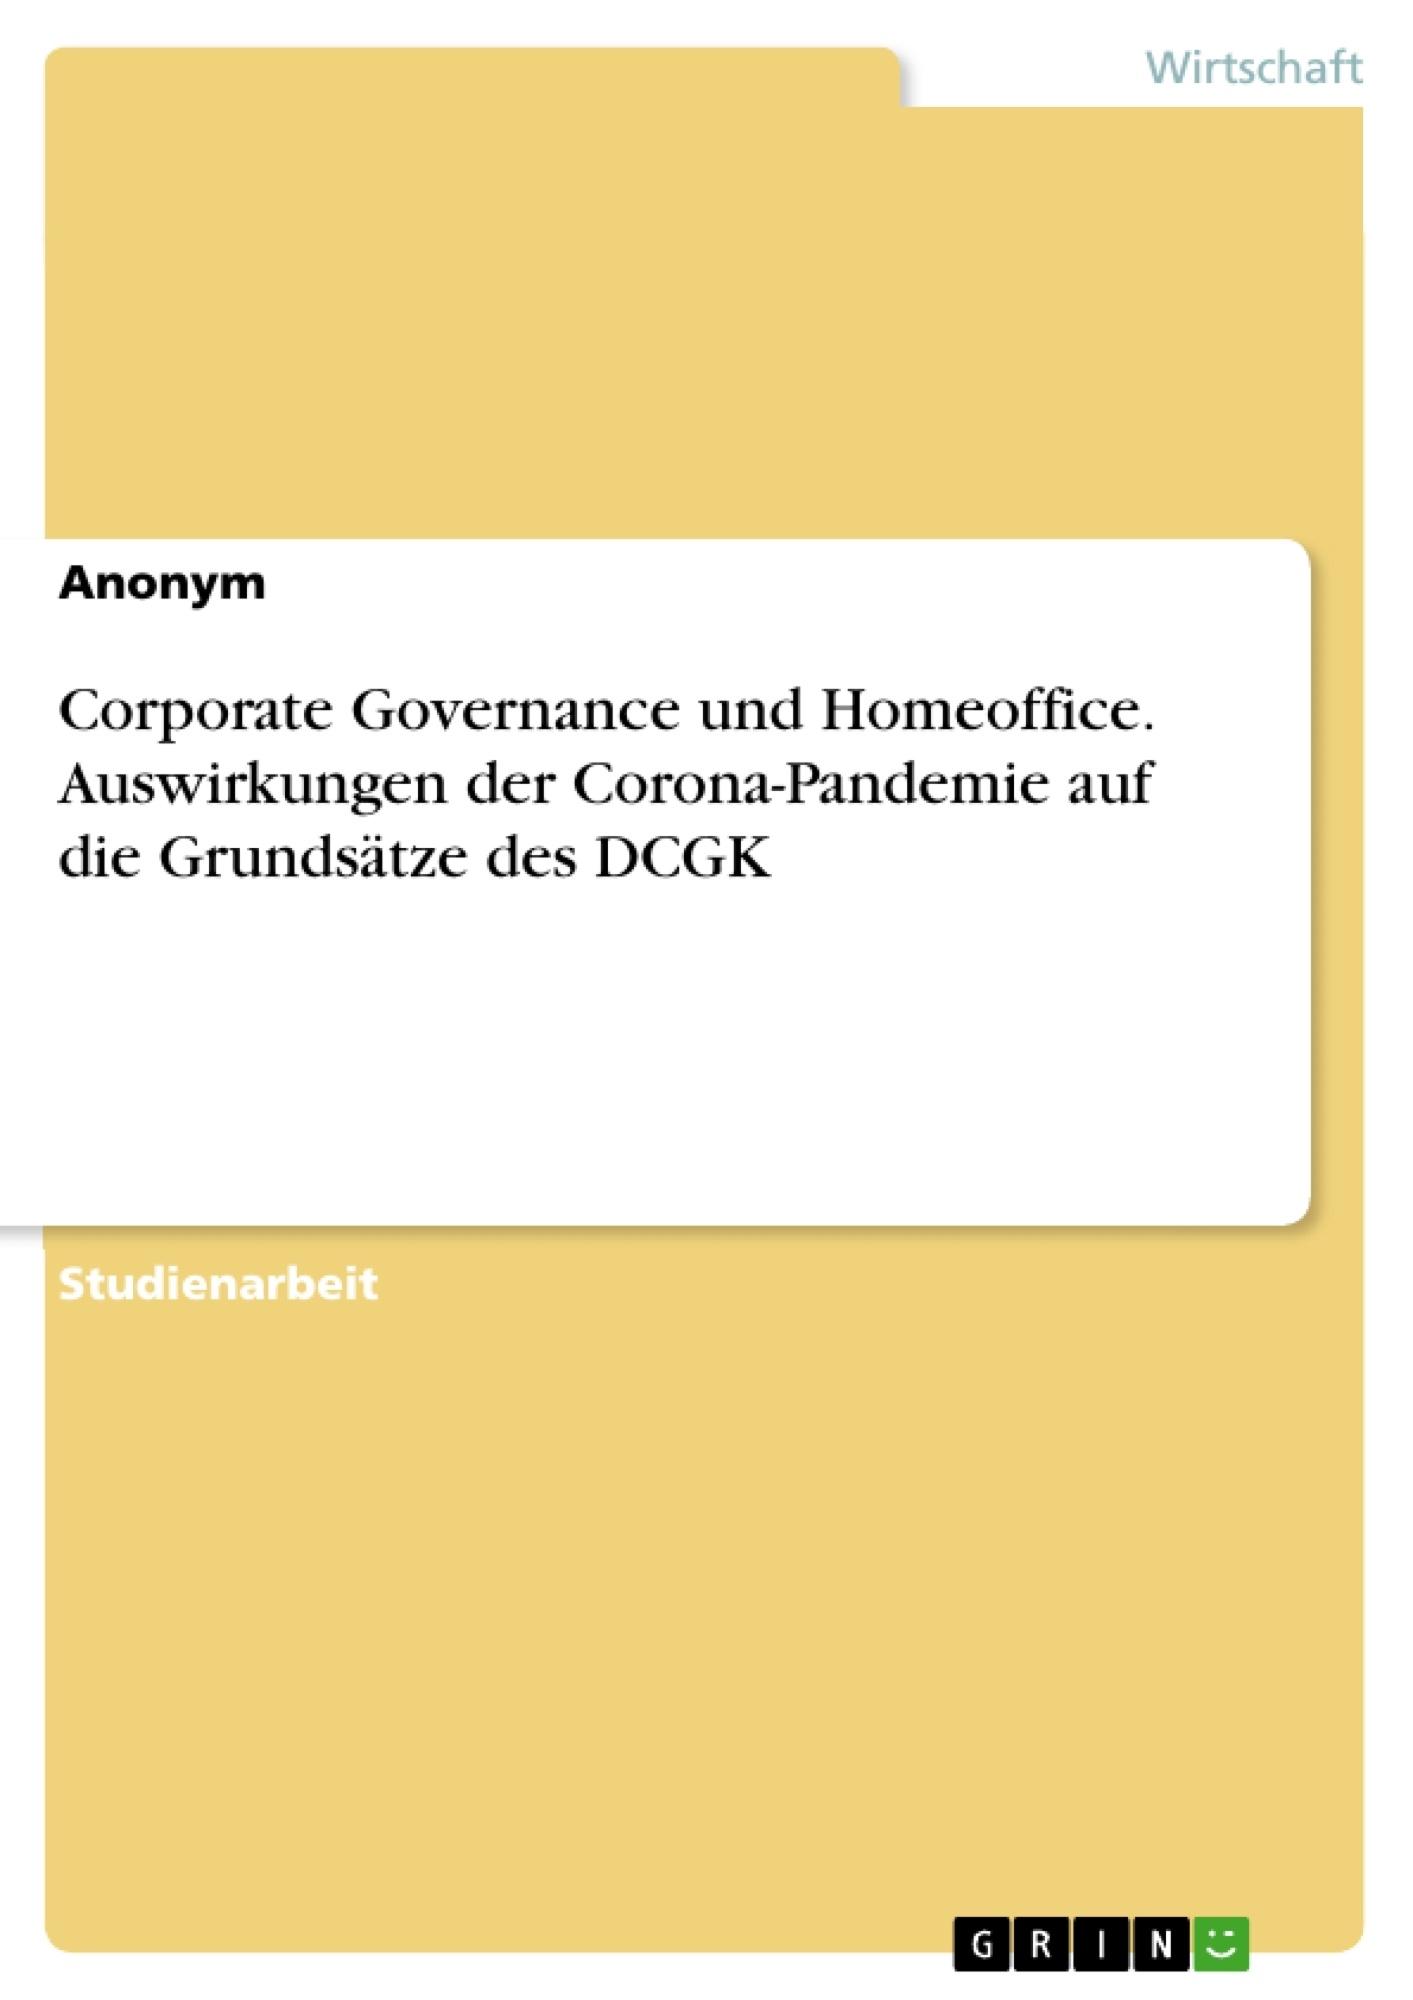 Titel: Corporate Governance und Homeoffice. Auswirkungen der Corona-Pandemie auf die Grundsätze des DCGK